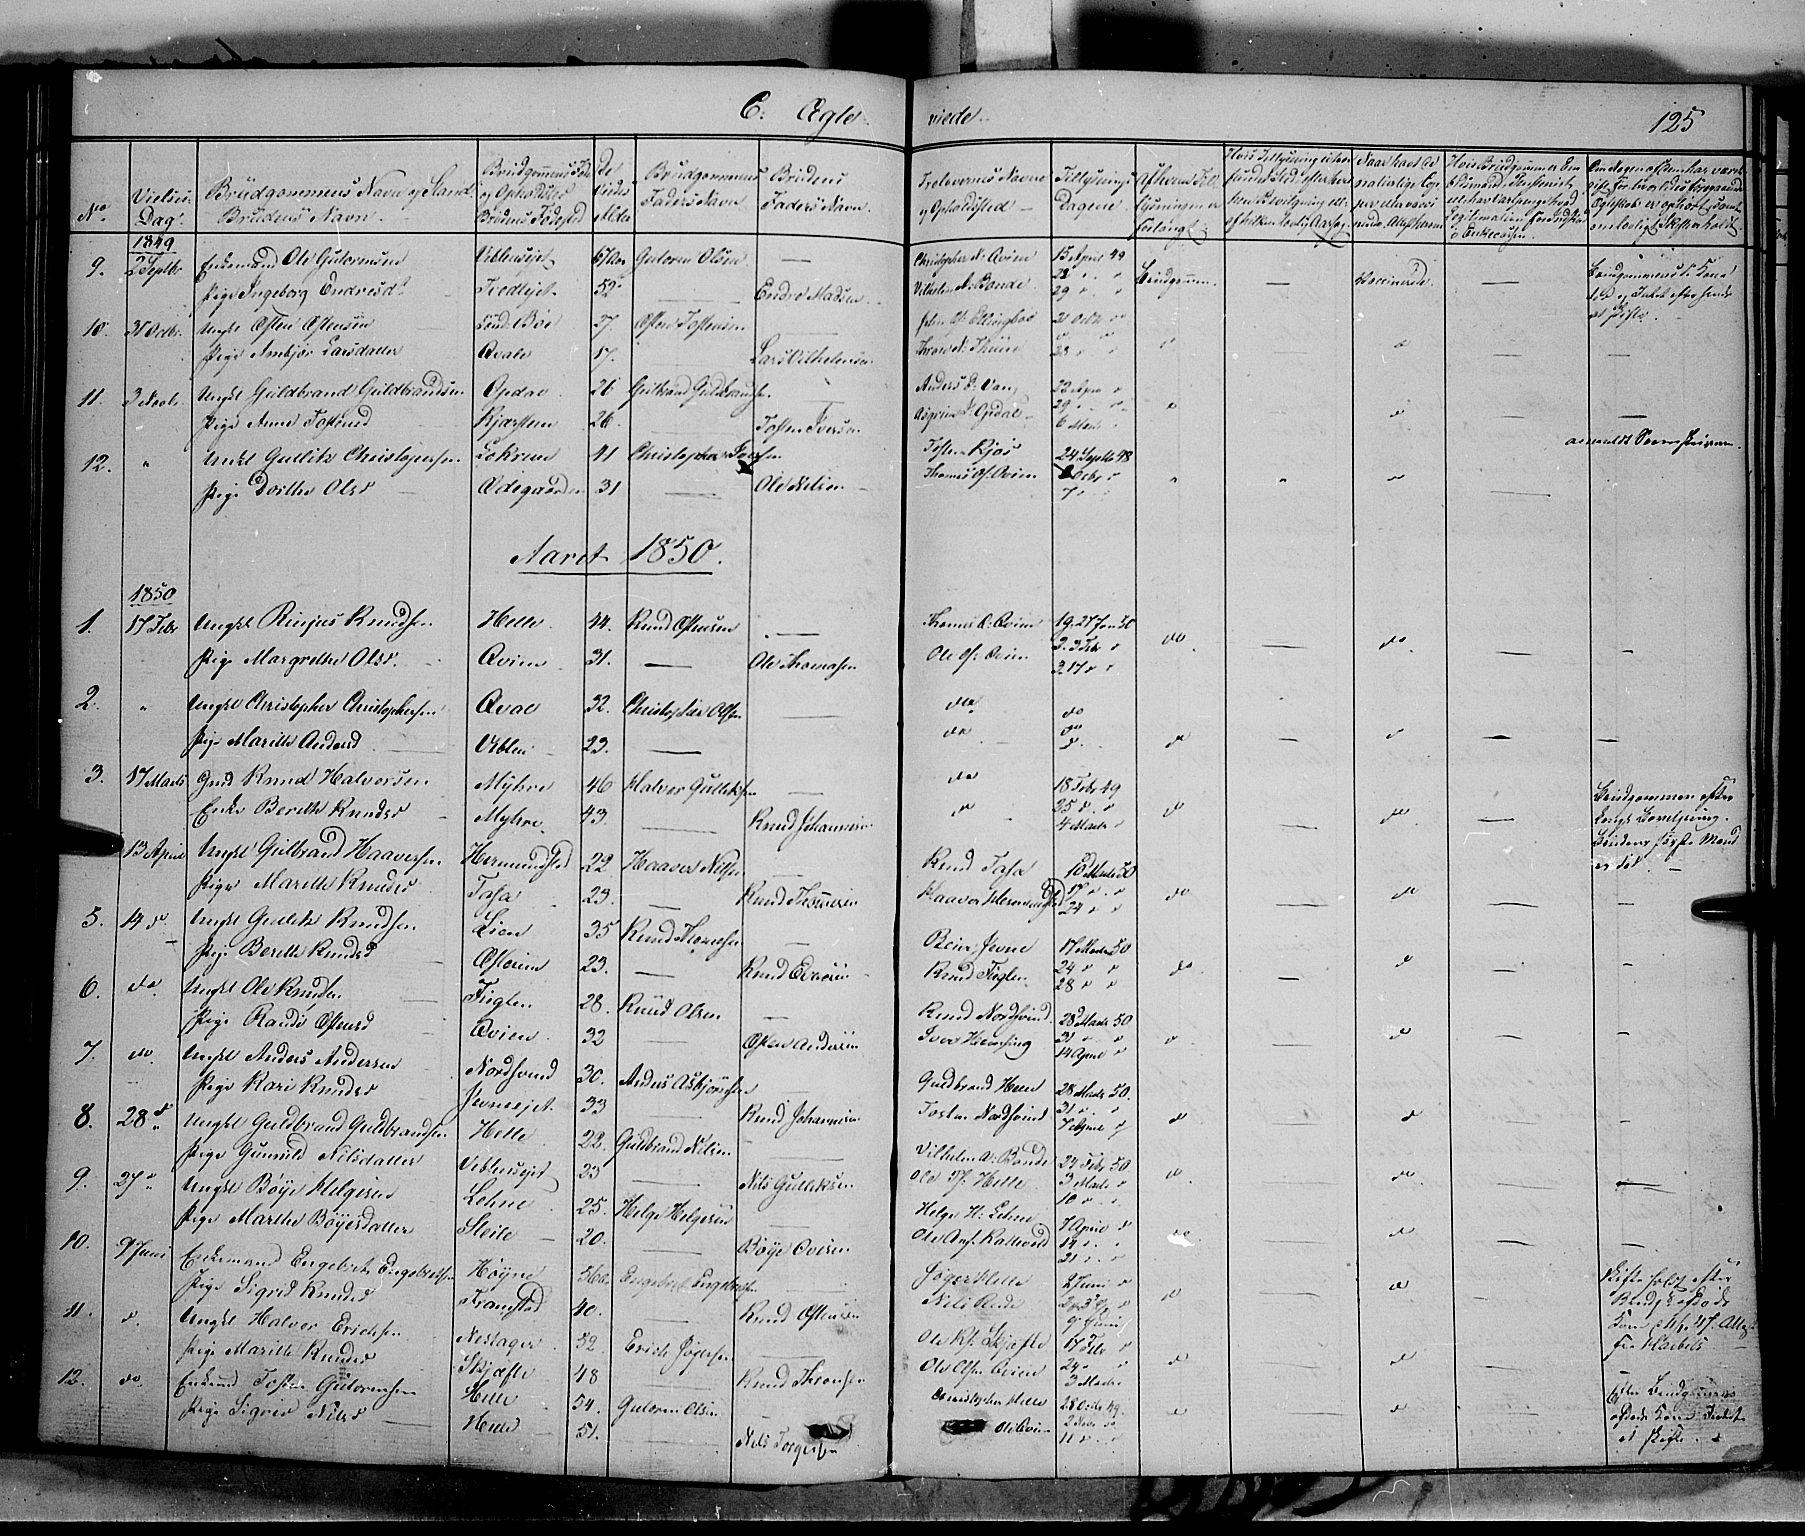 SAH, Vang prestekontor, Valdres, Ministerialbok nr. 6, 1846-1864, s. 125